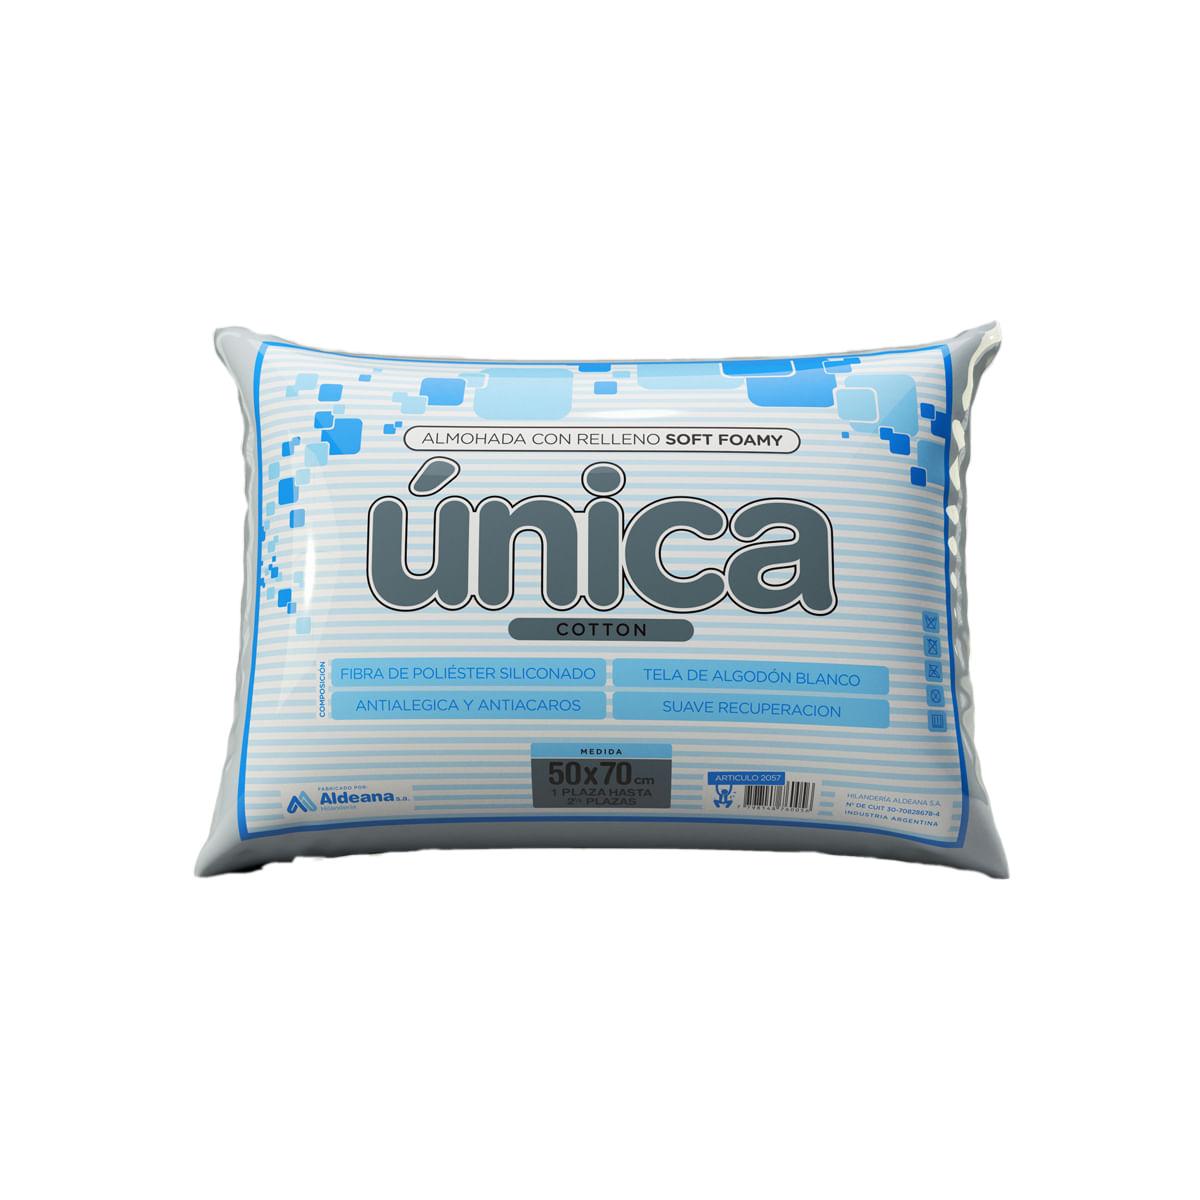 almohada-unica-cotton